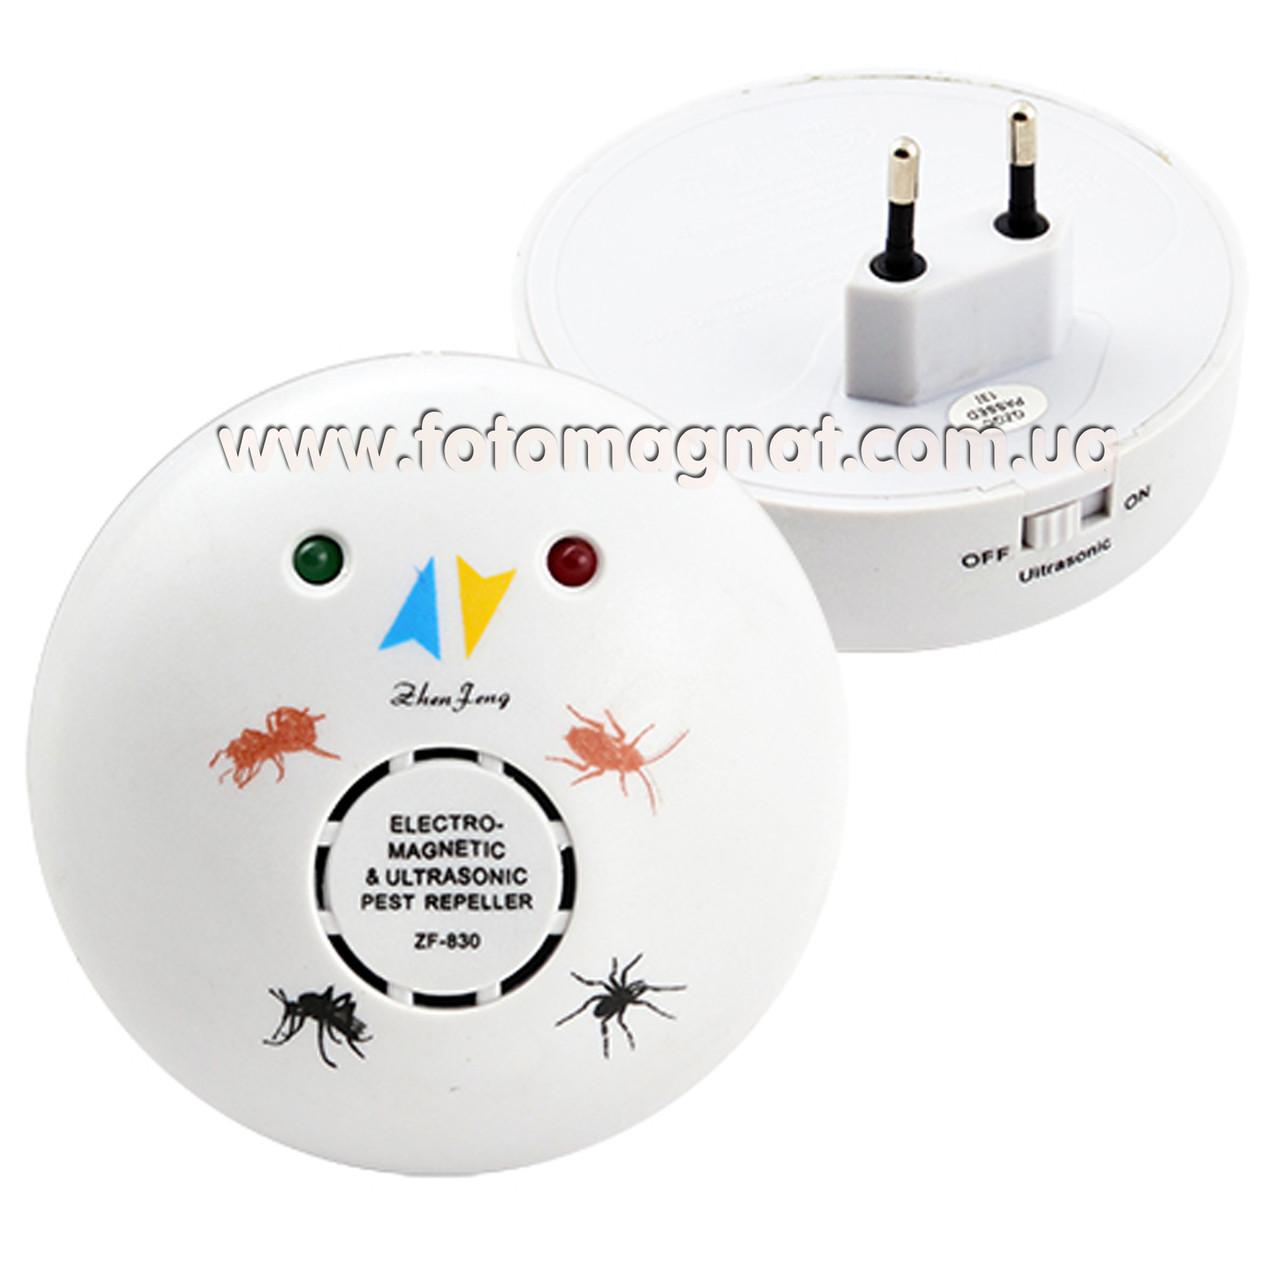 Мультиотпугиватель ZF- 830 E(отпугиватель насекомых)